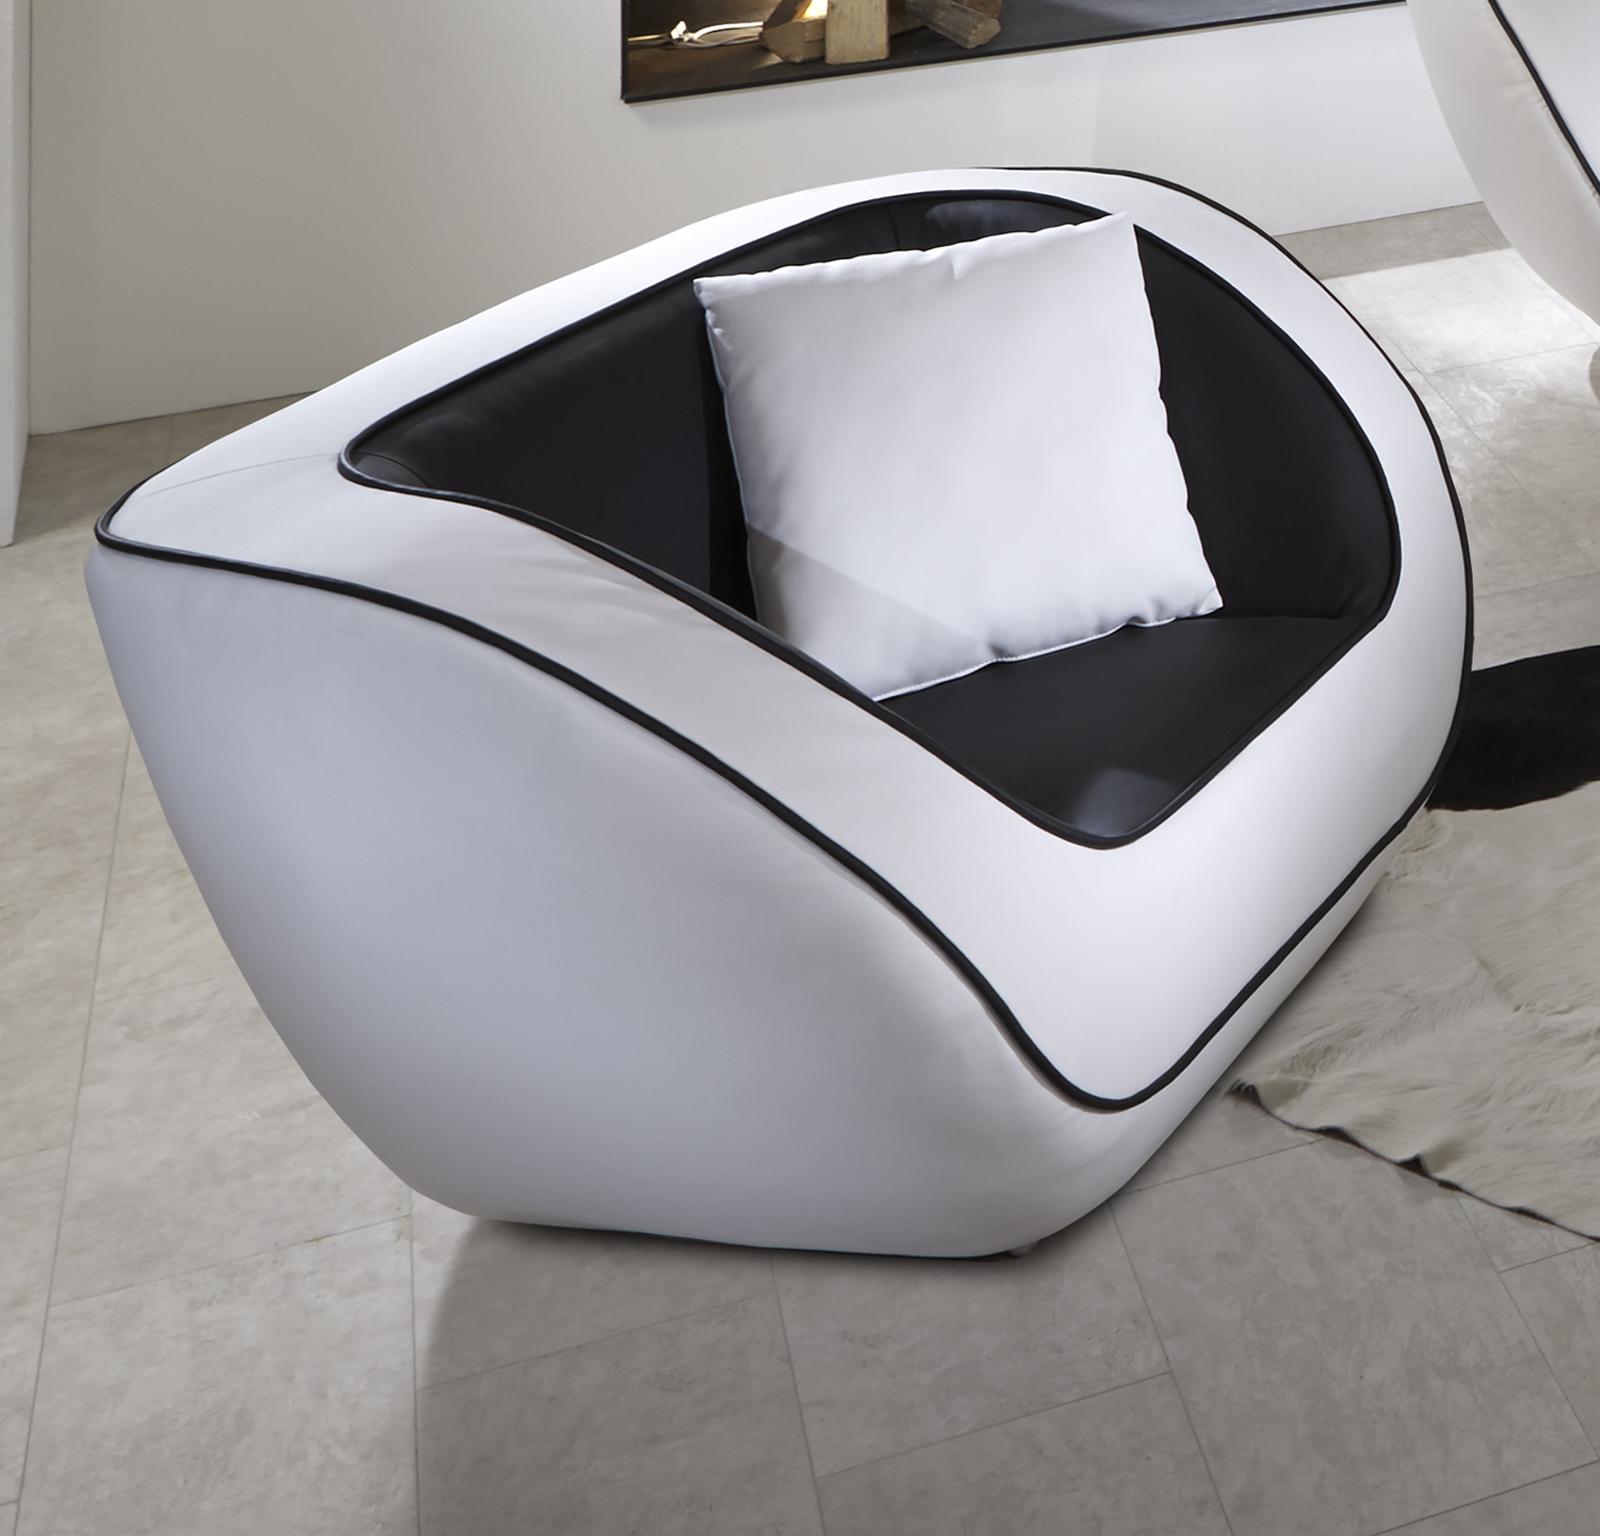 Lounge sessel schwarz weiß  SALE Lounge Sessel in schwarz weiß Navarra günstig